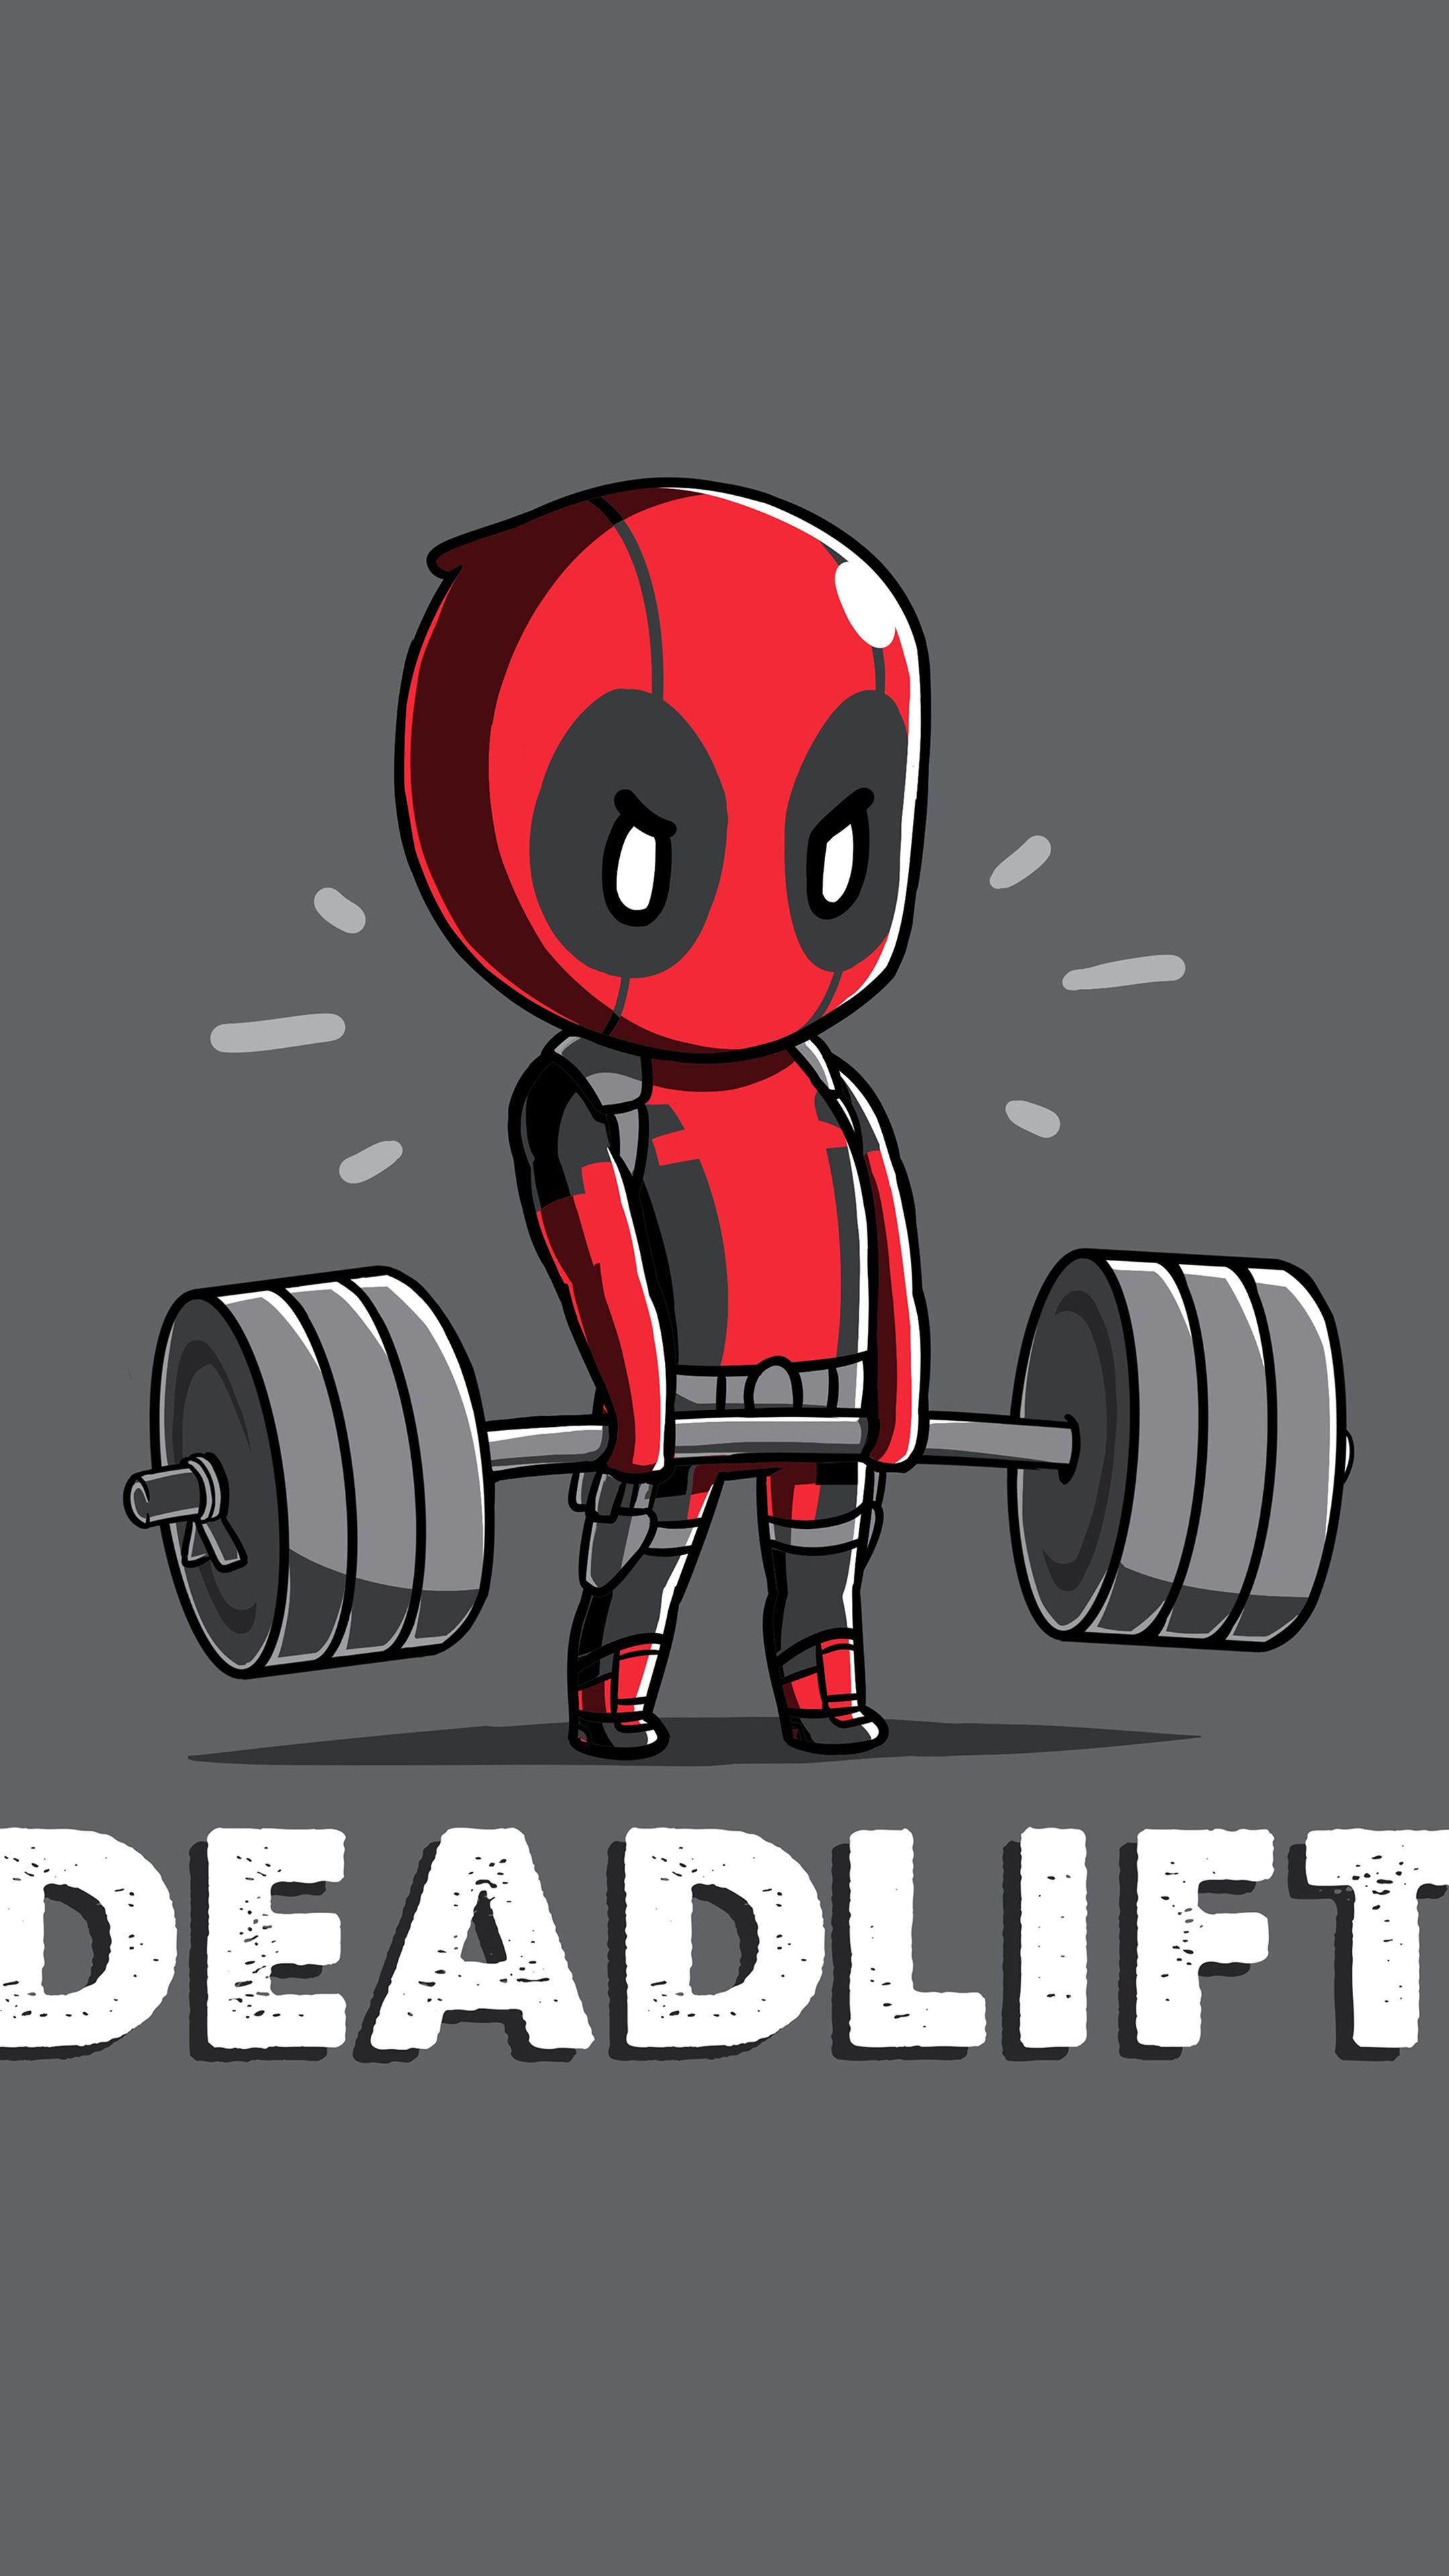 deadpool-deadlift-funny-8k-wp.jpg